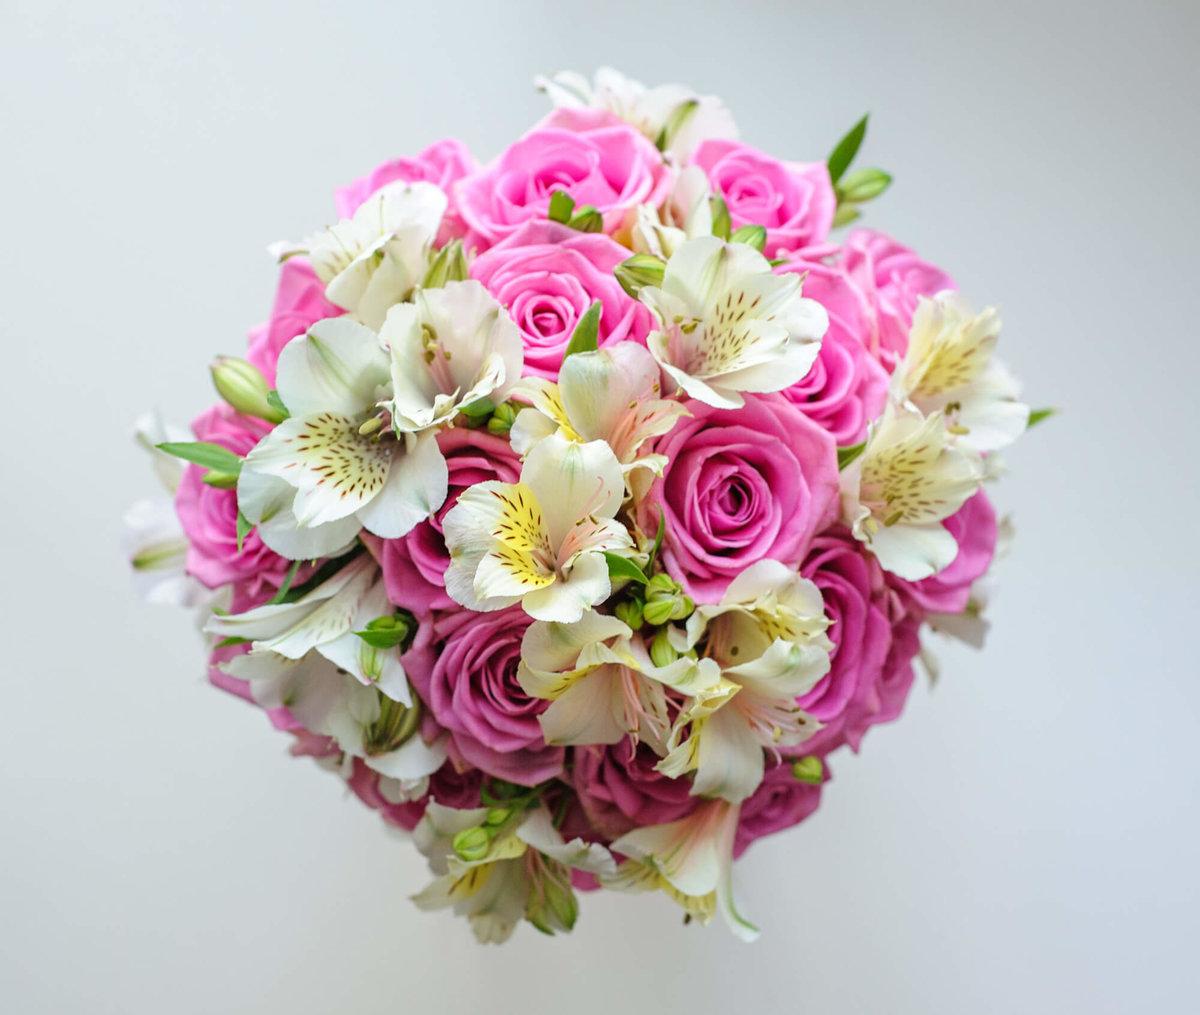 Цветов, свадебный букет из розы и альстромерии